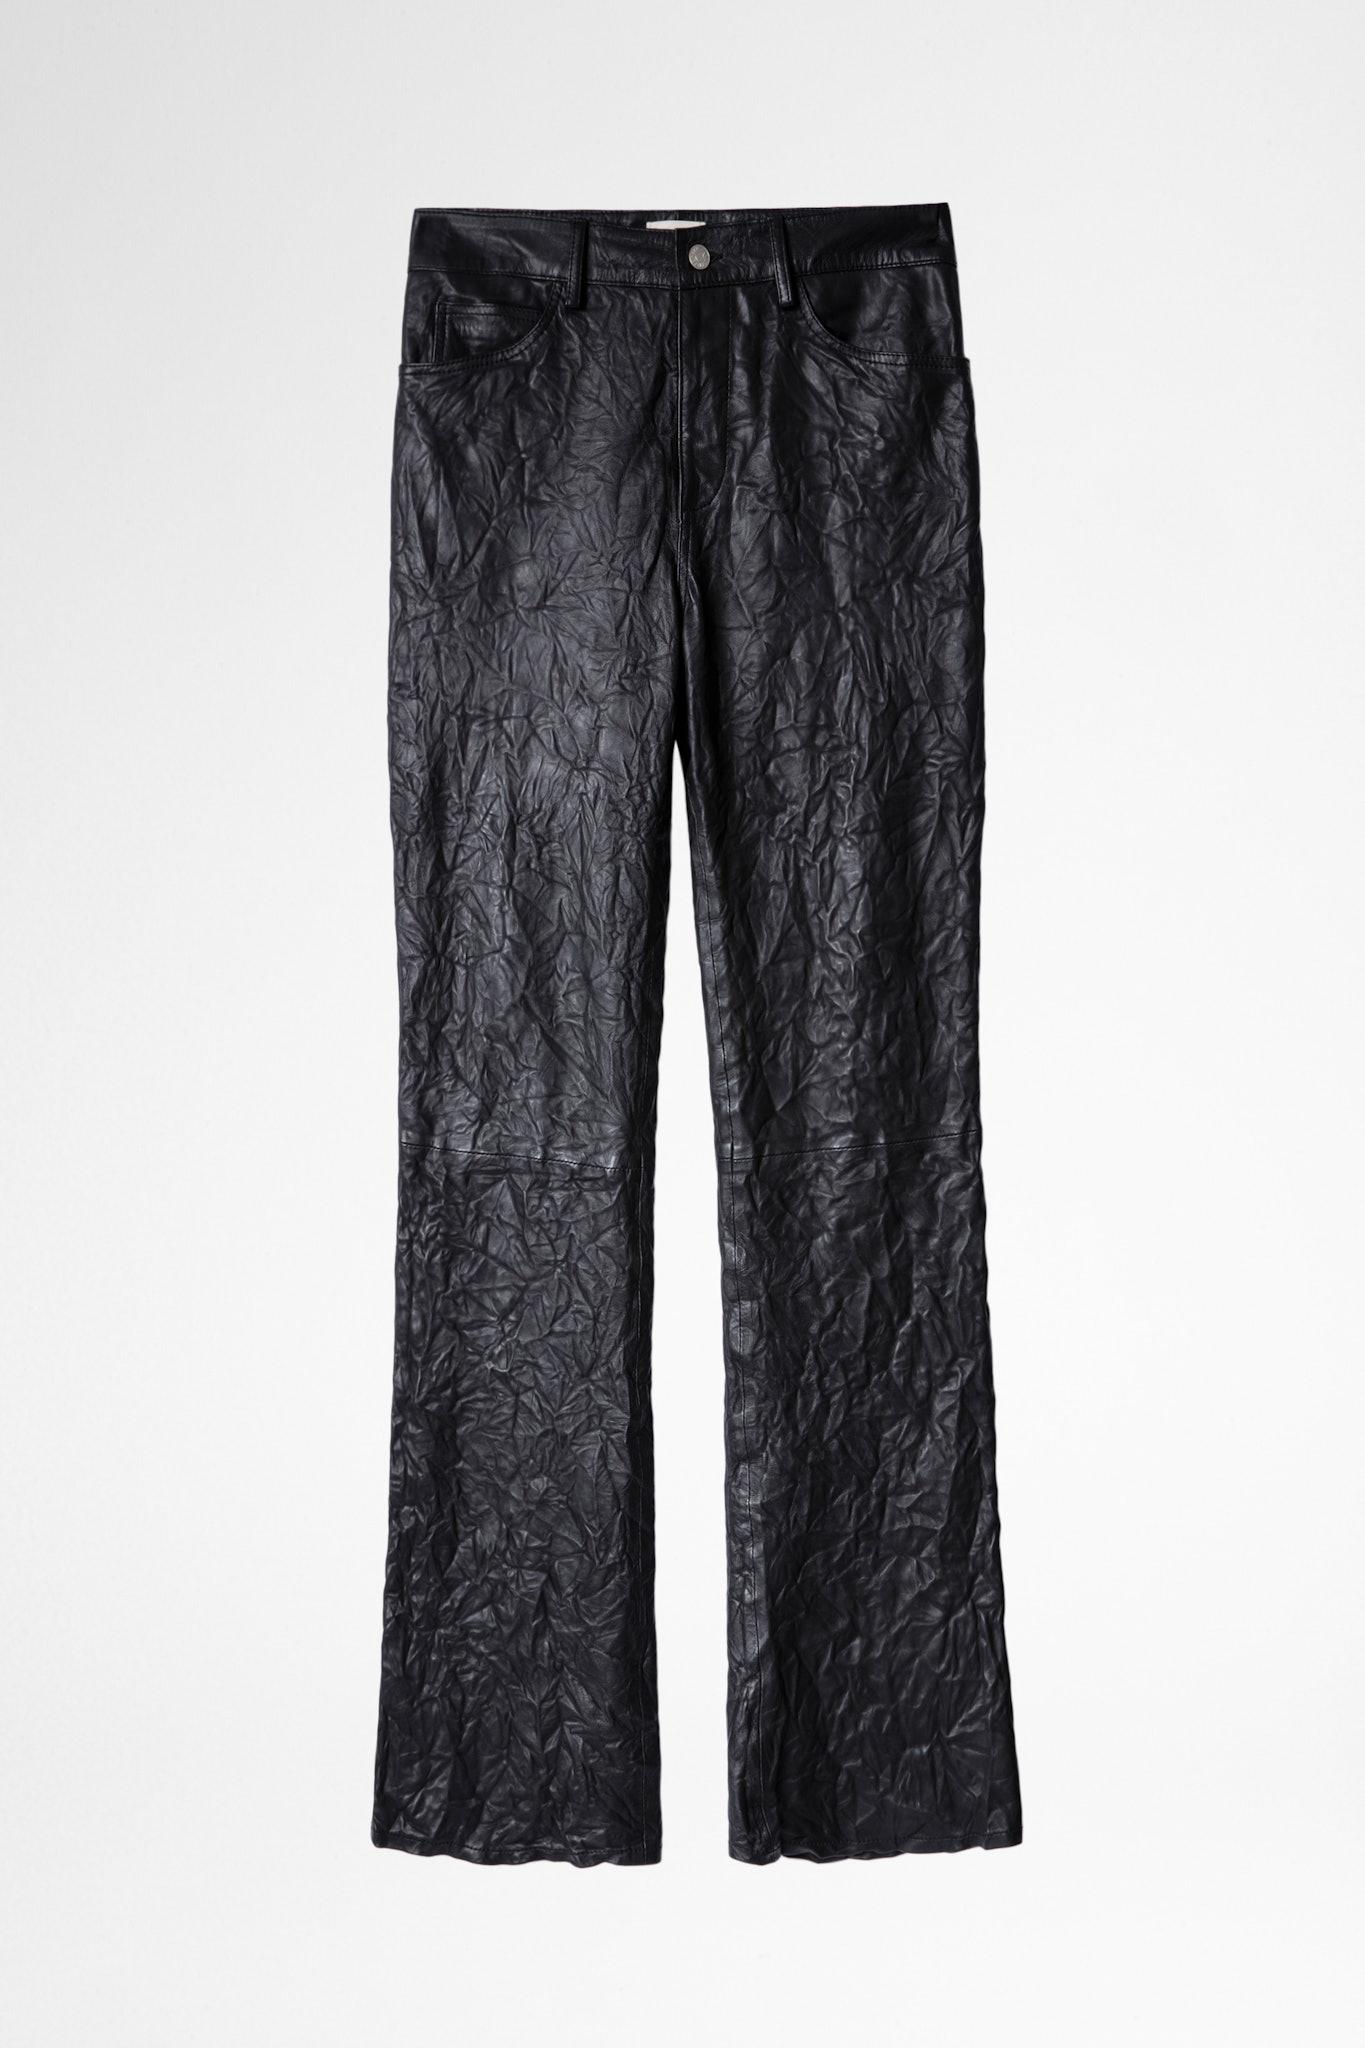 Pistol Trousers